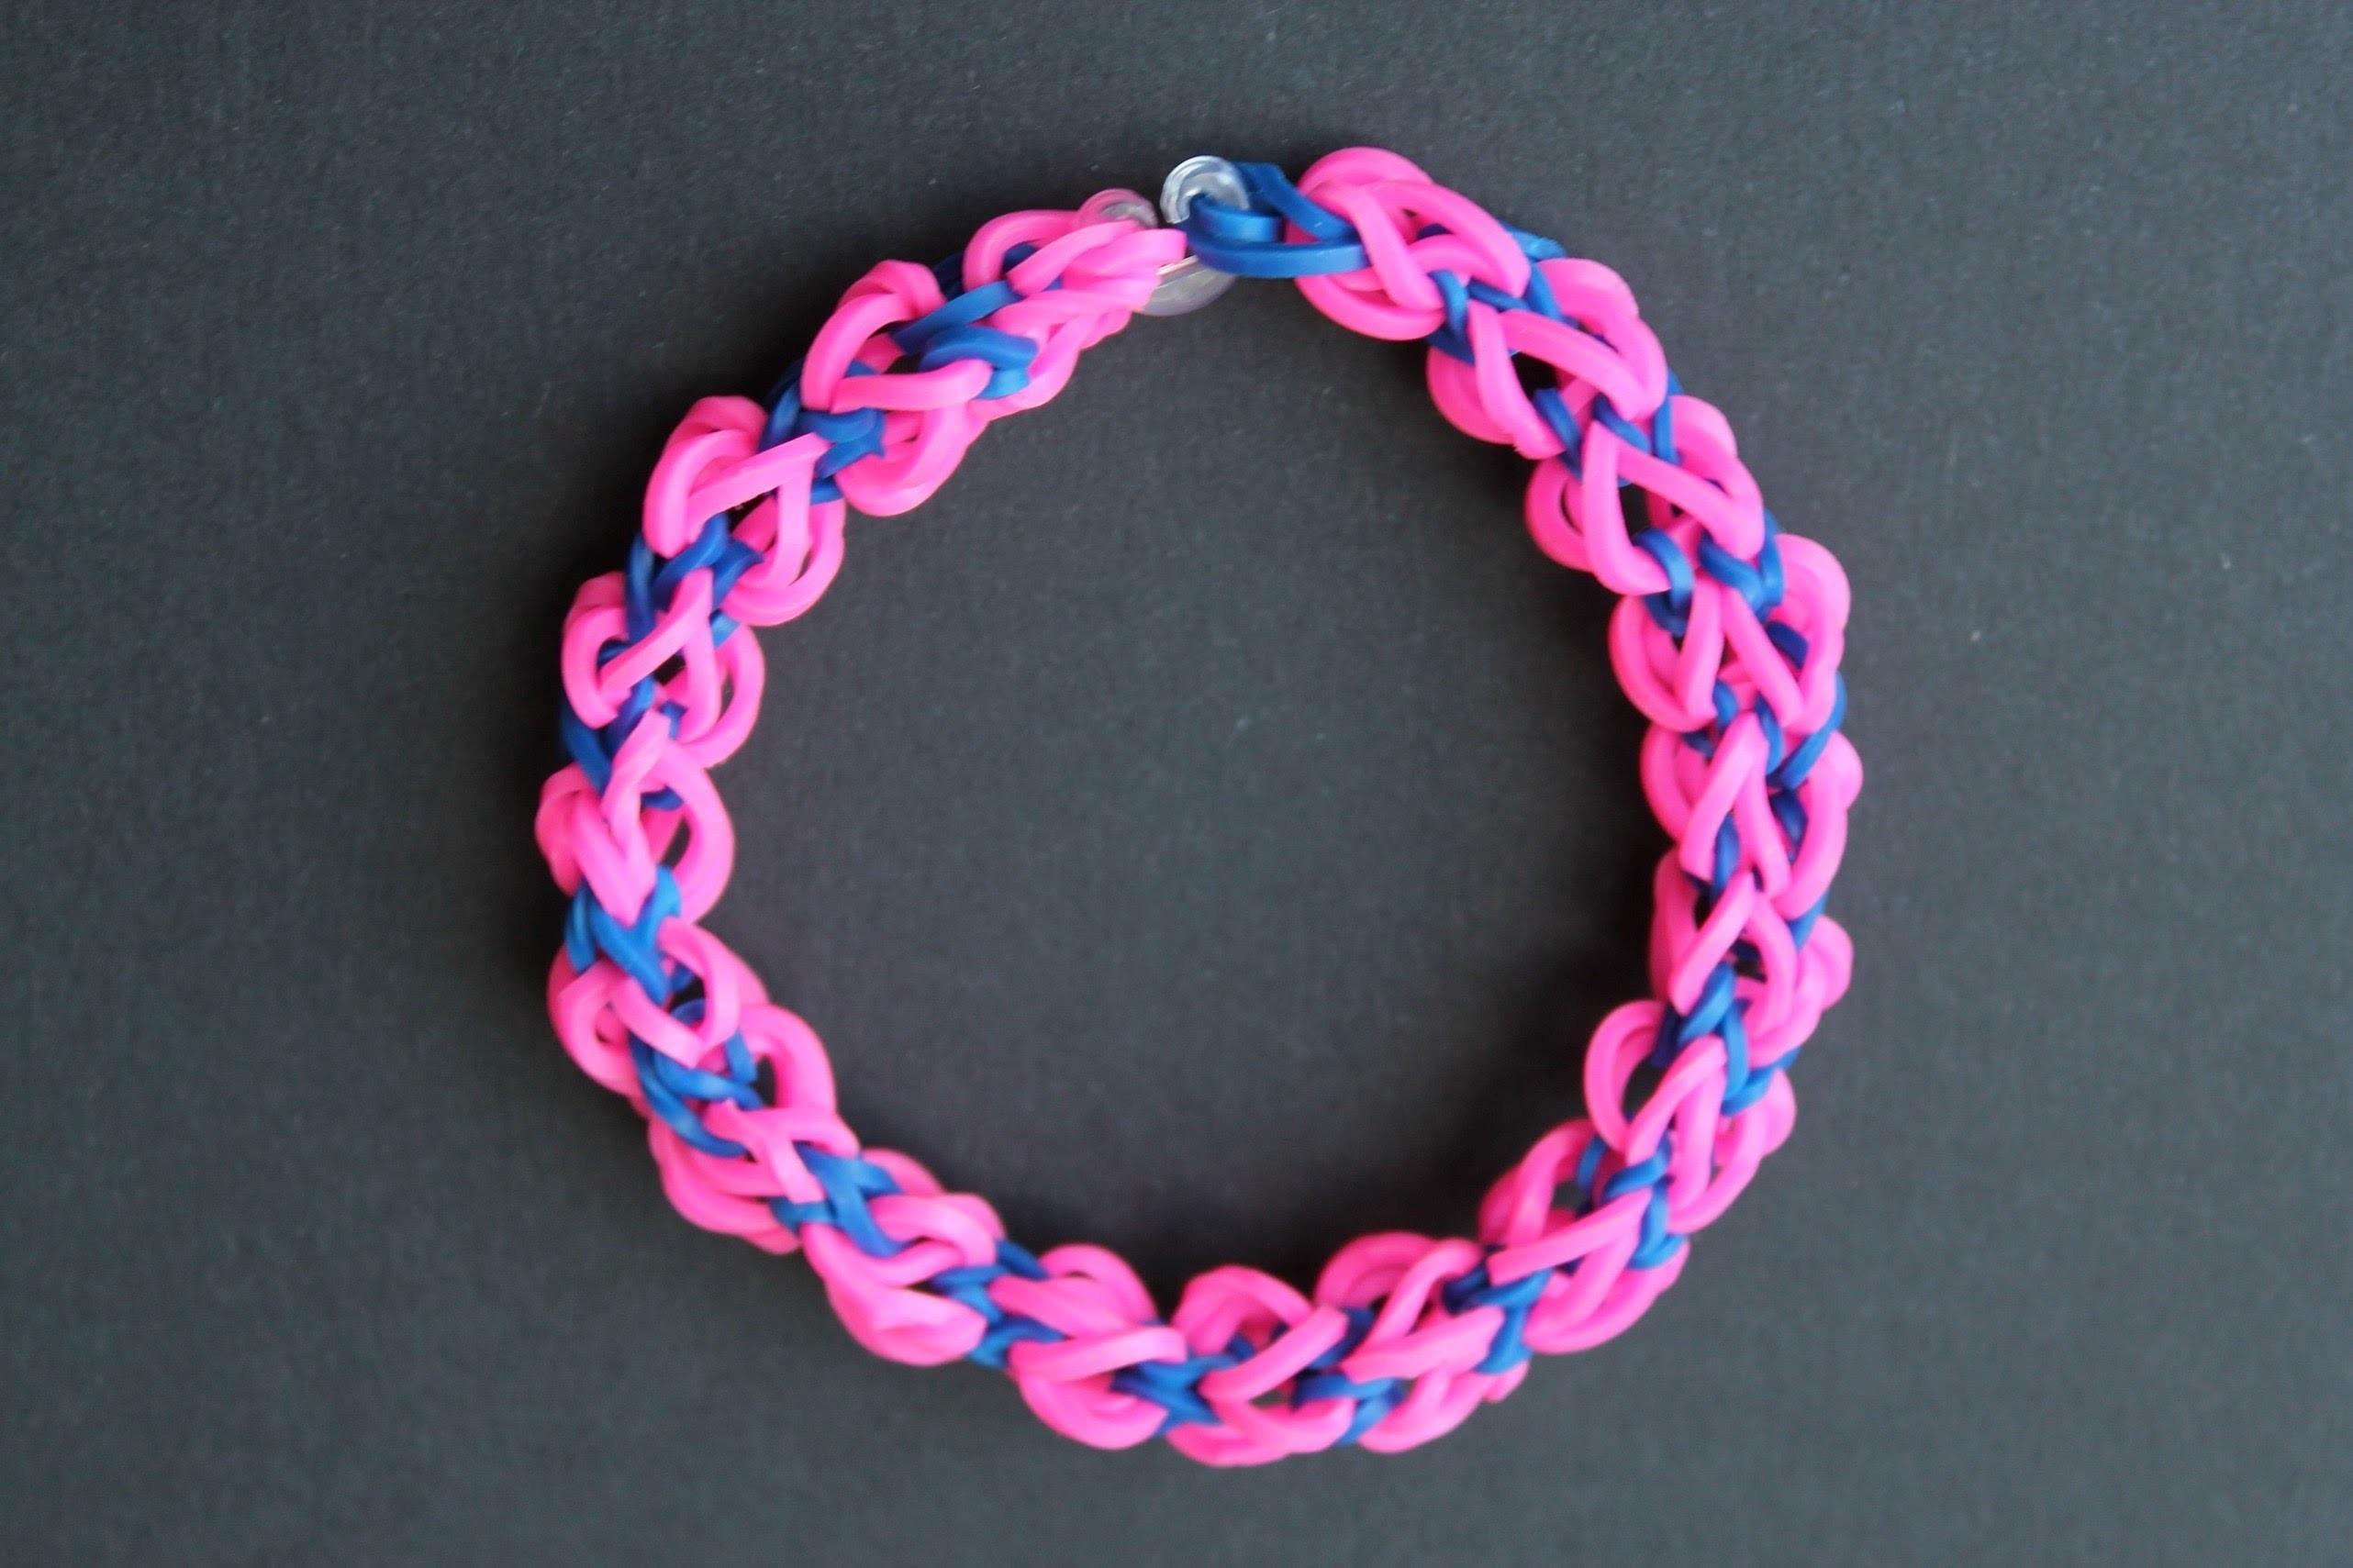 Rainbow loom, Twist square, armband, bracelet